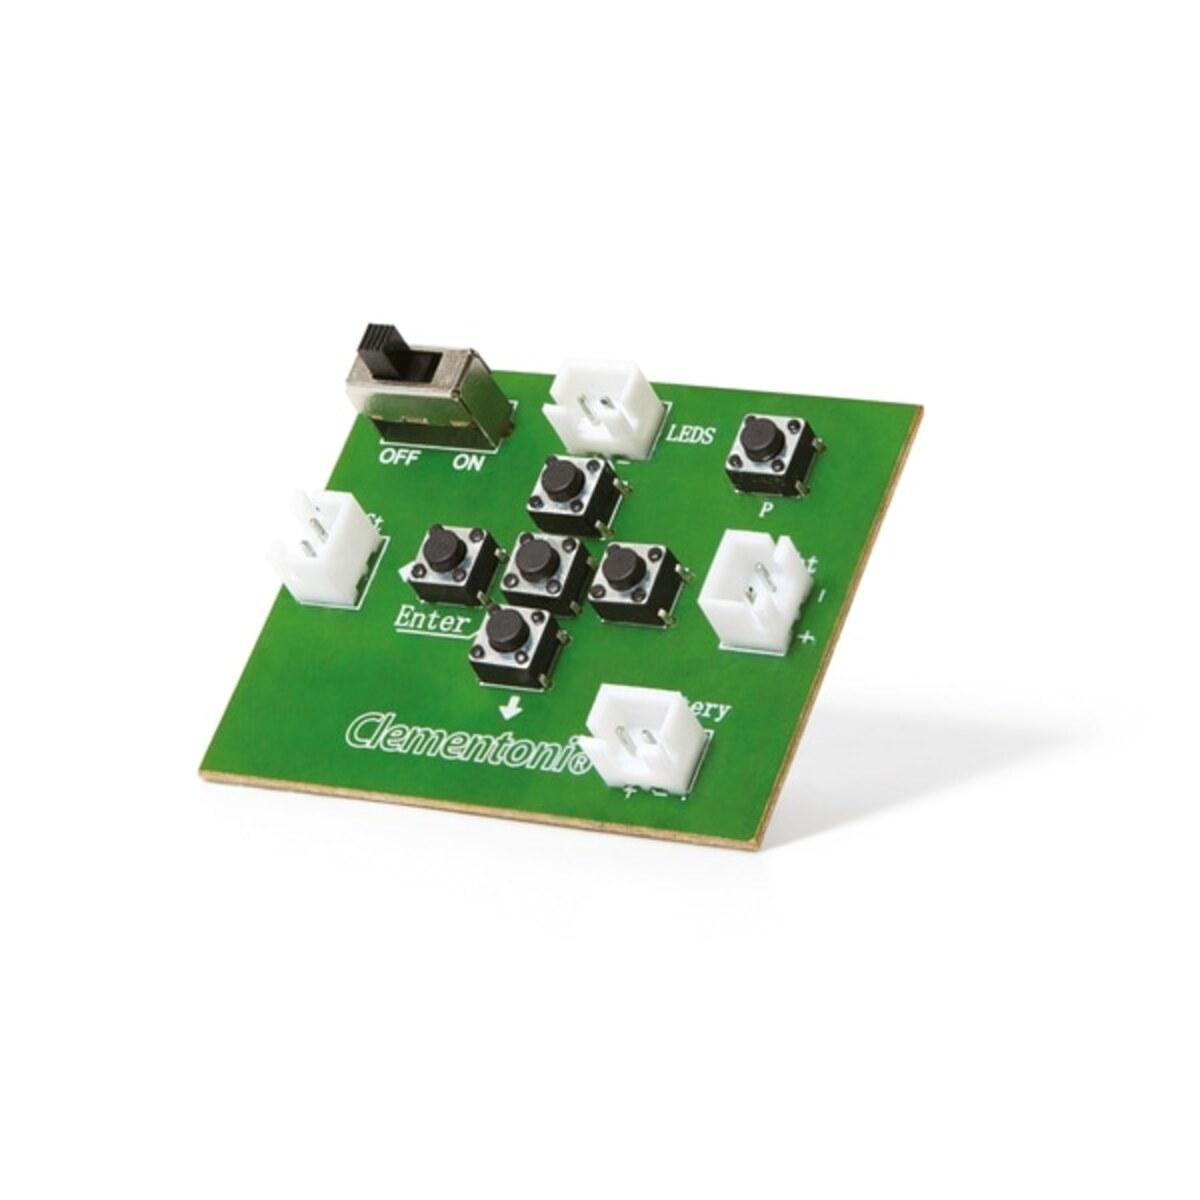 Bild 5 von Galileo Technologic - Mein Roboter MC 4.0